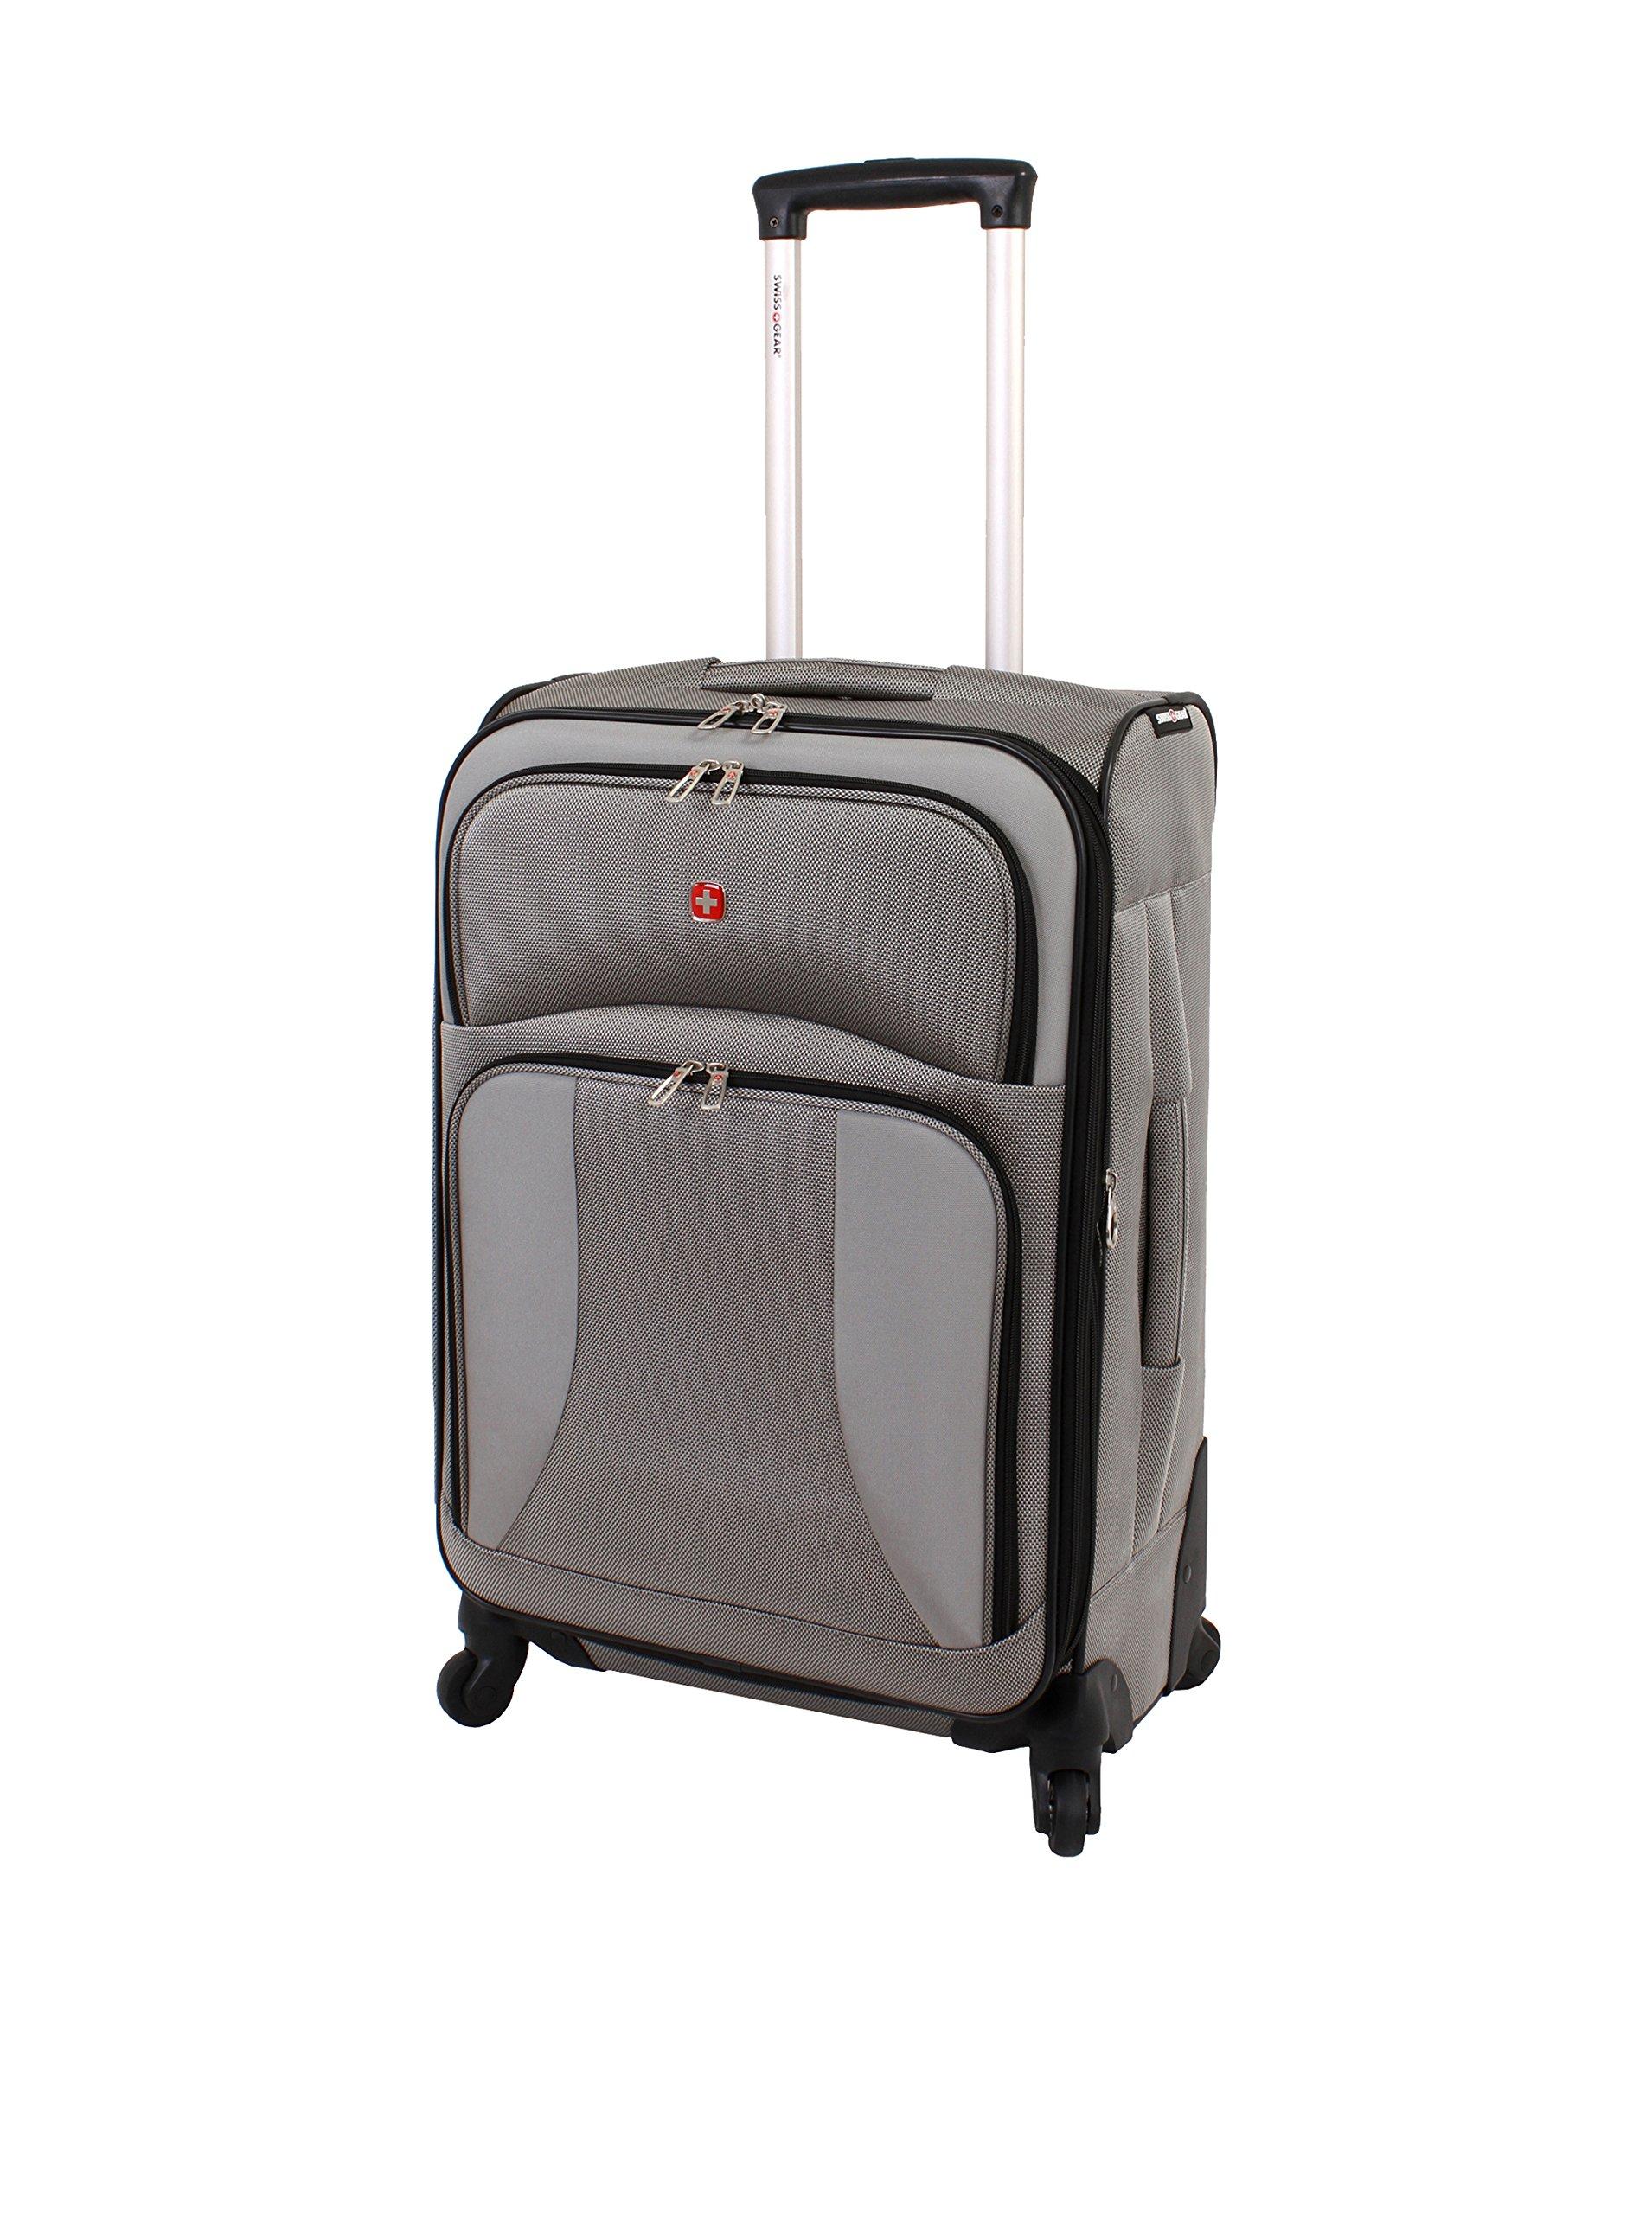 SwissGear Travel Gear 7211 24'' Spinner (Pewter)